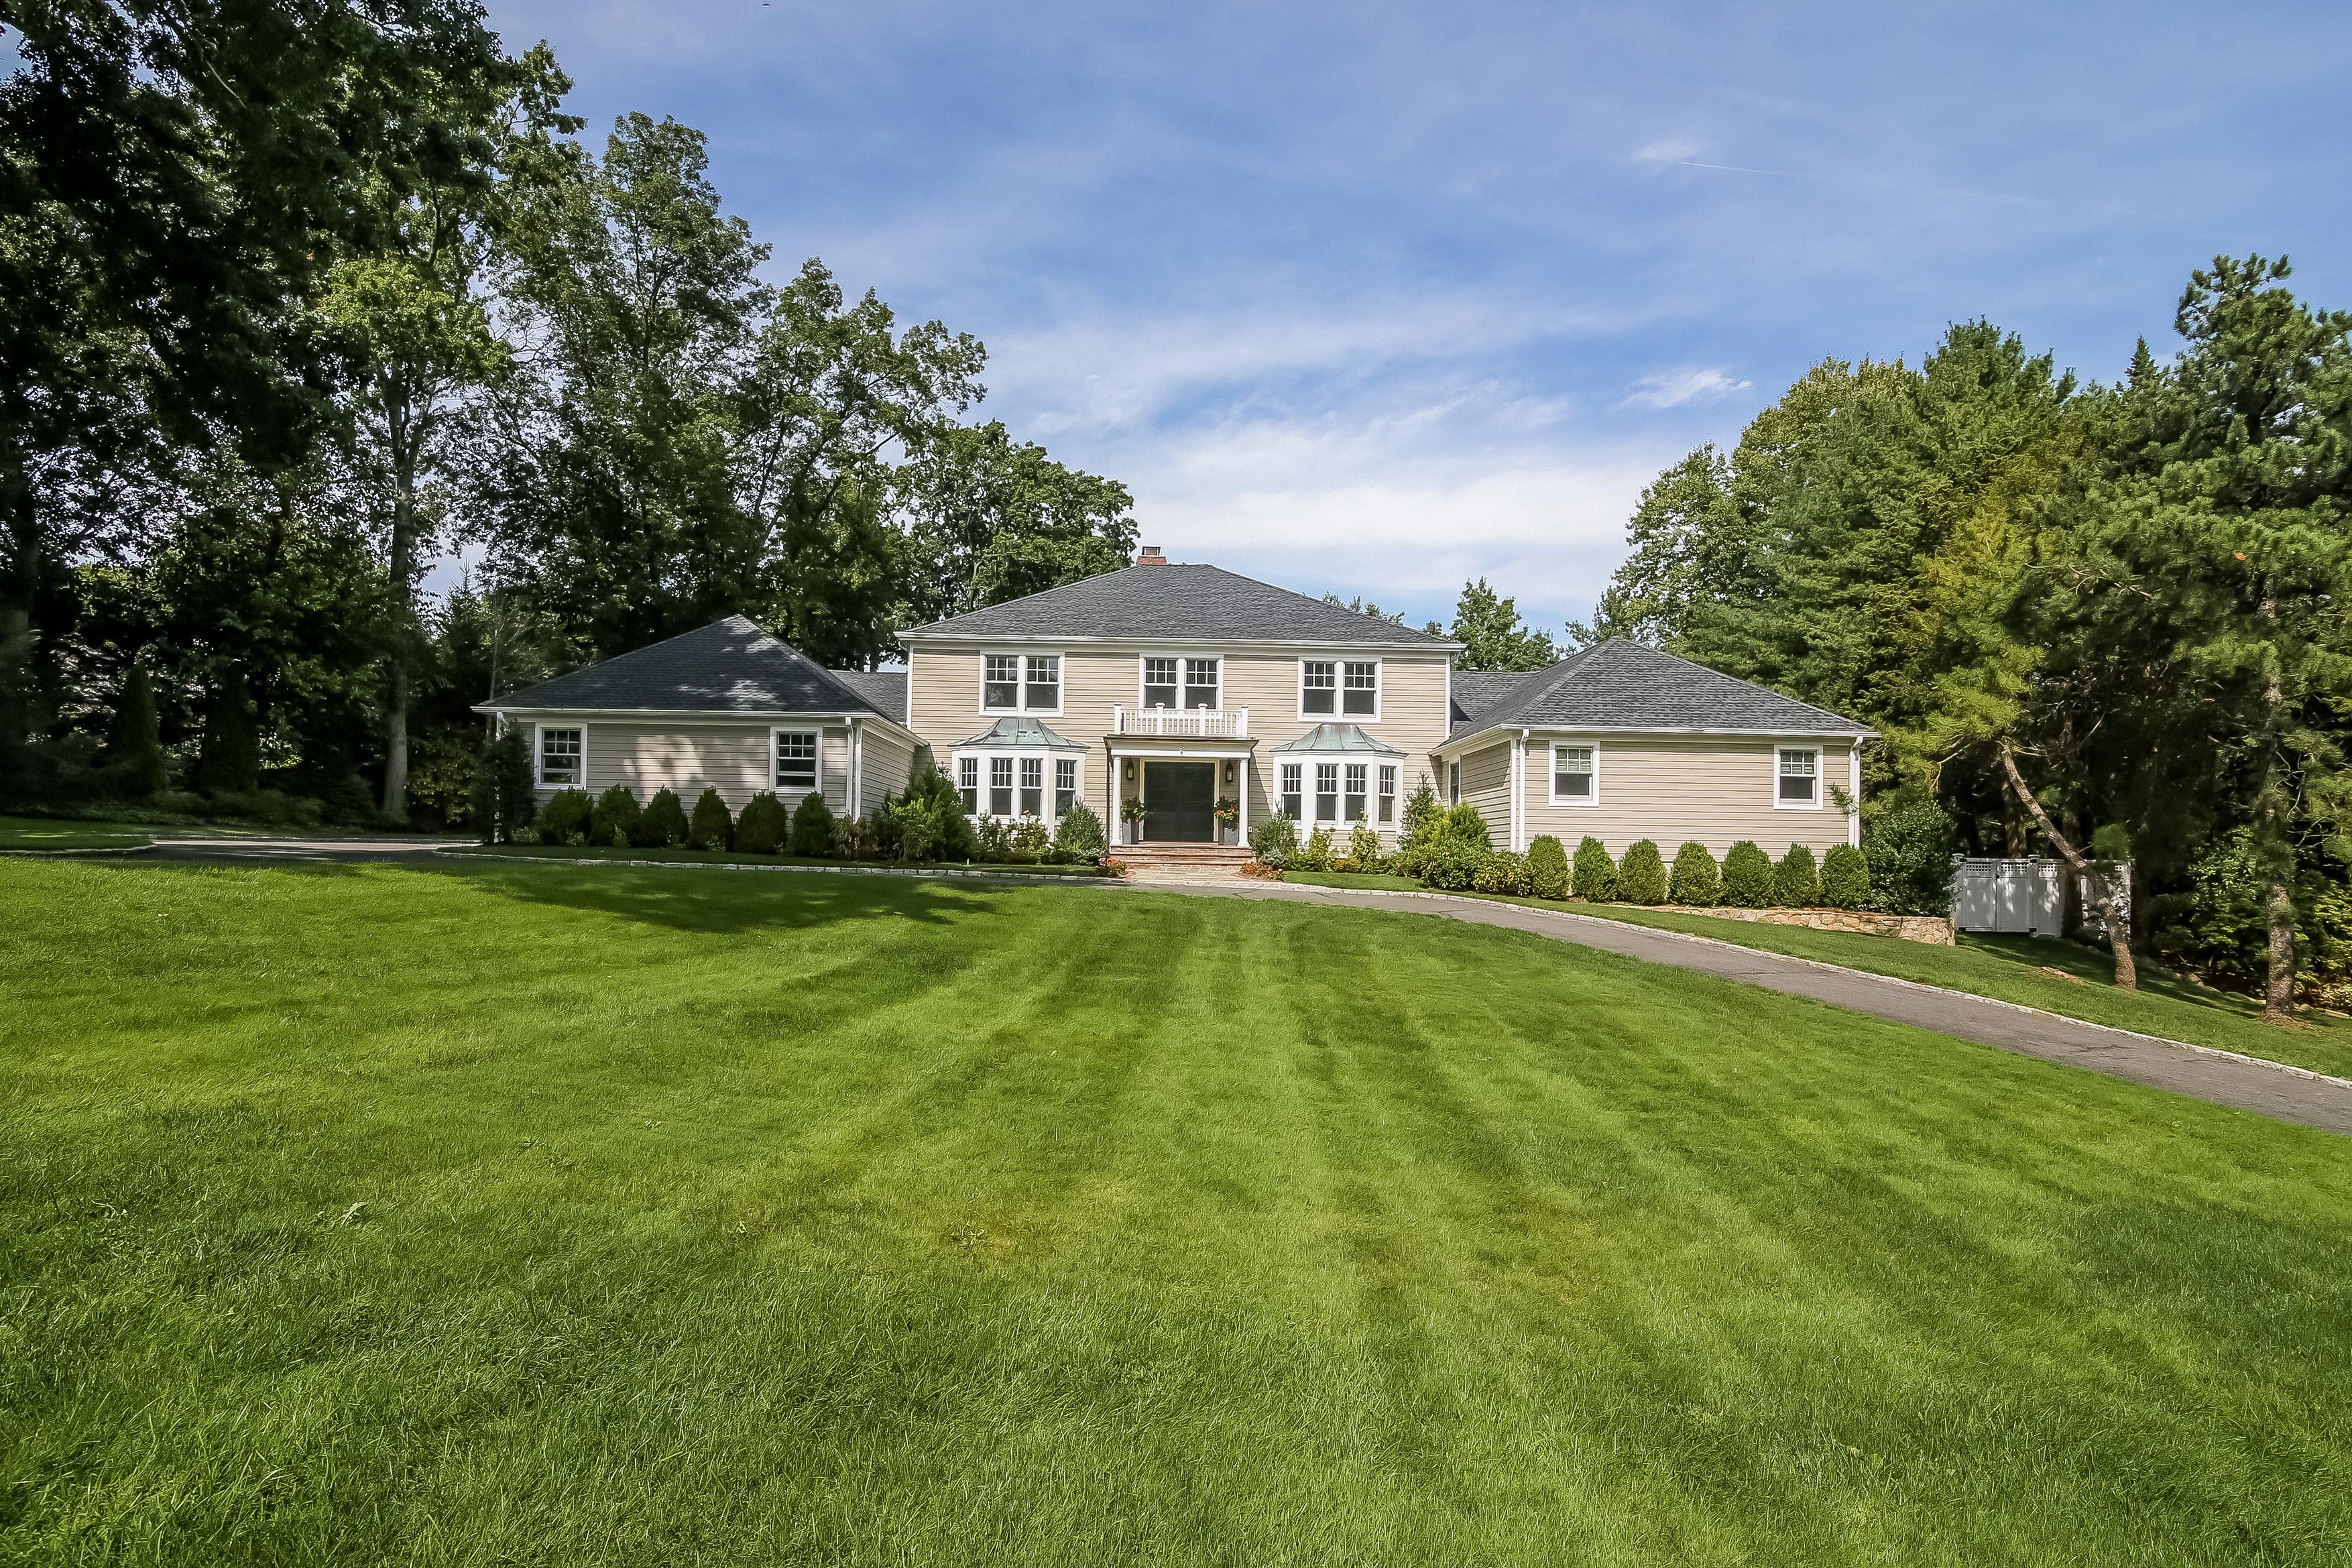 独户住宅 为 销售 在 2 Flagler Drive 拉伊, 纽约州, 10580 美国